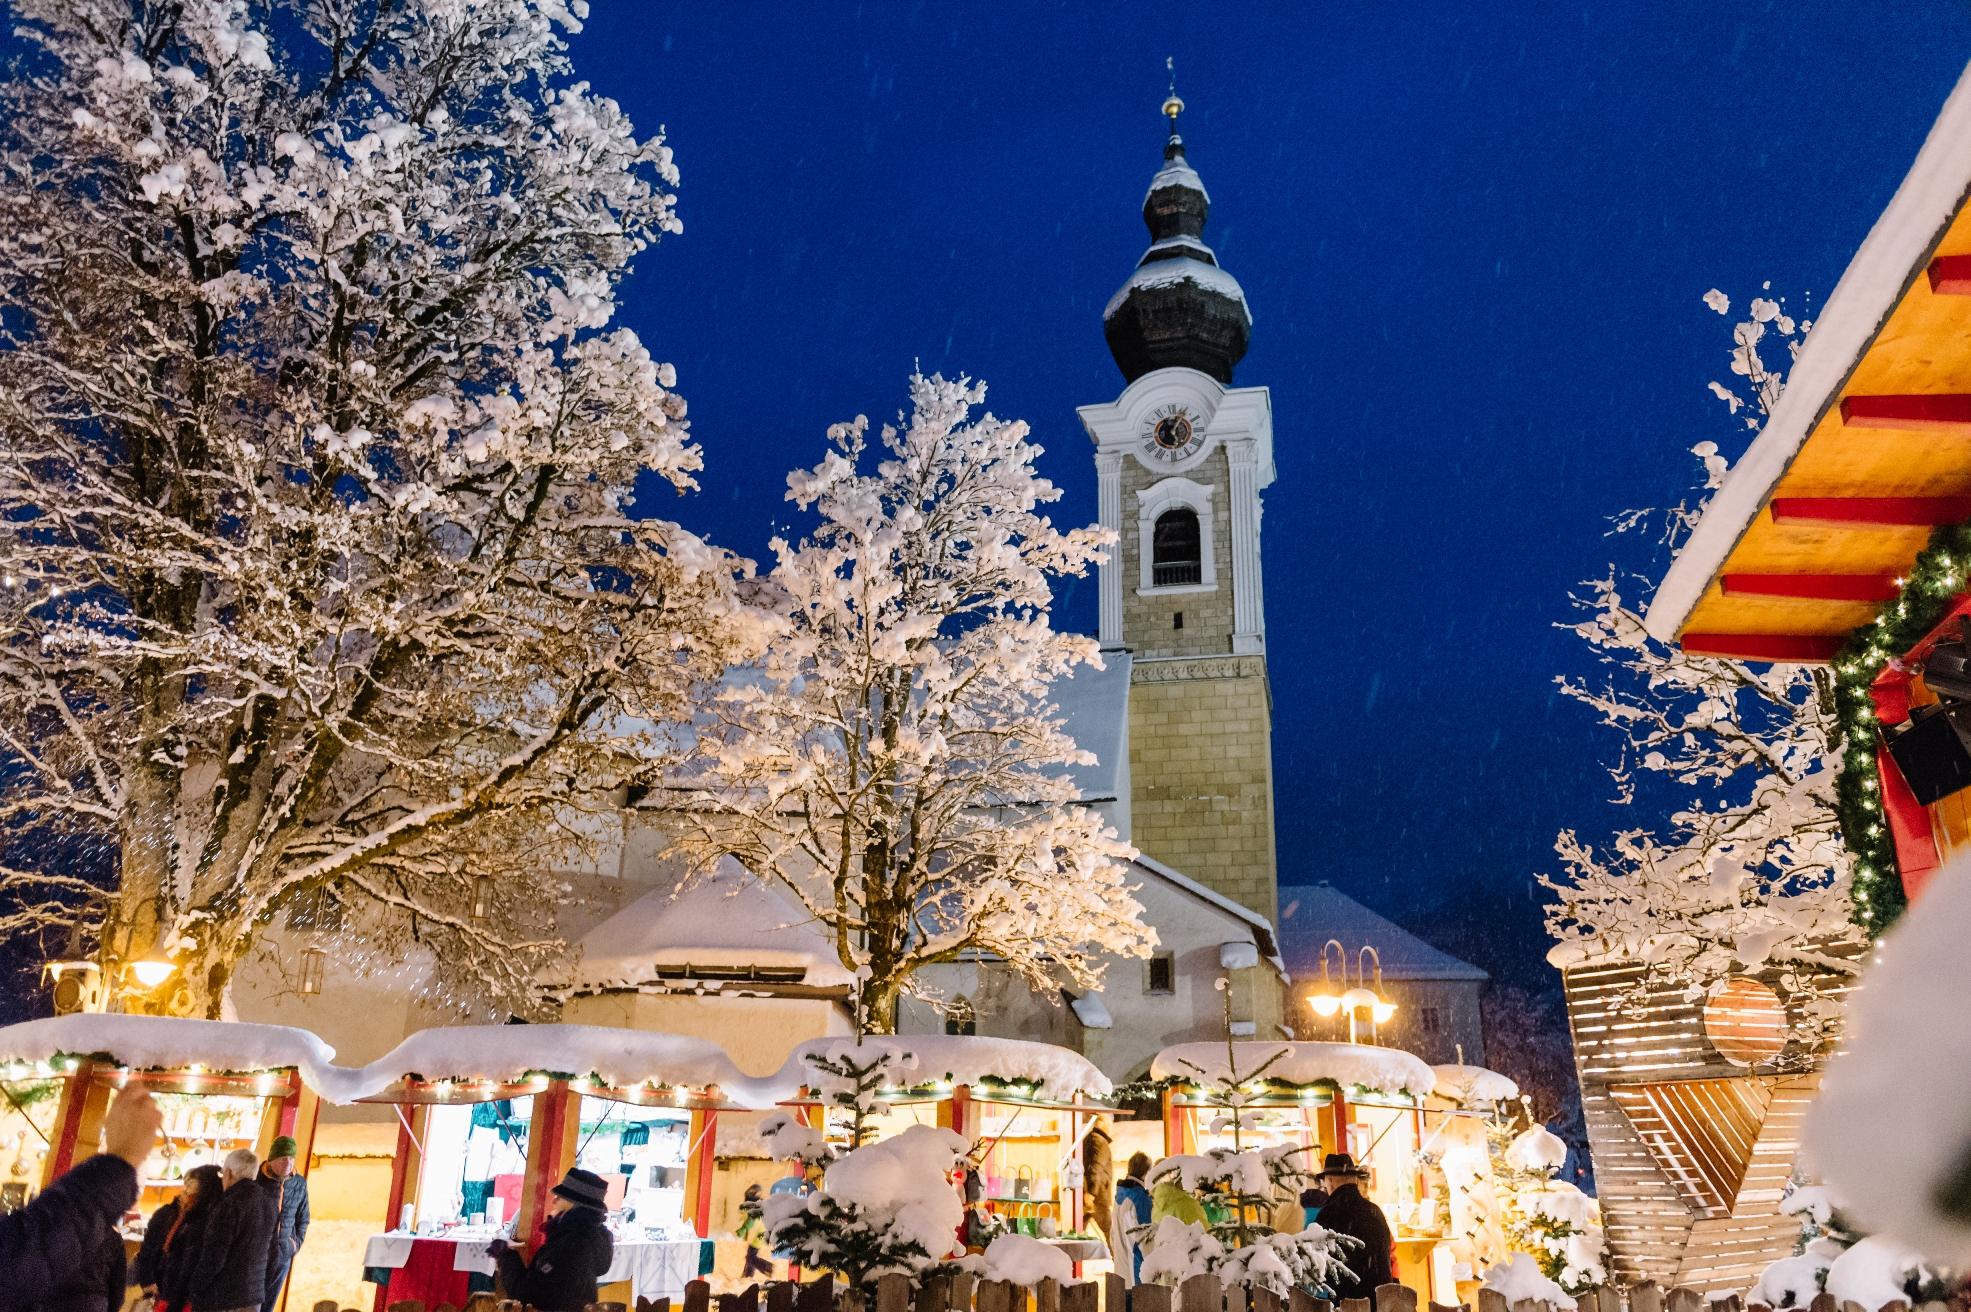 Altenmarkt in Adventsstimmung